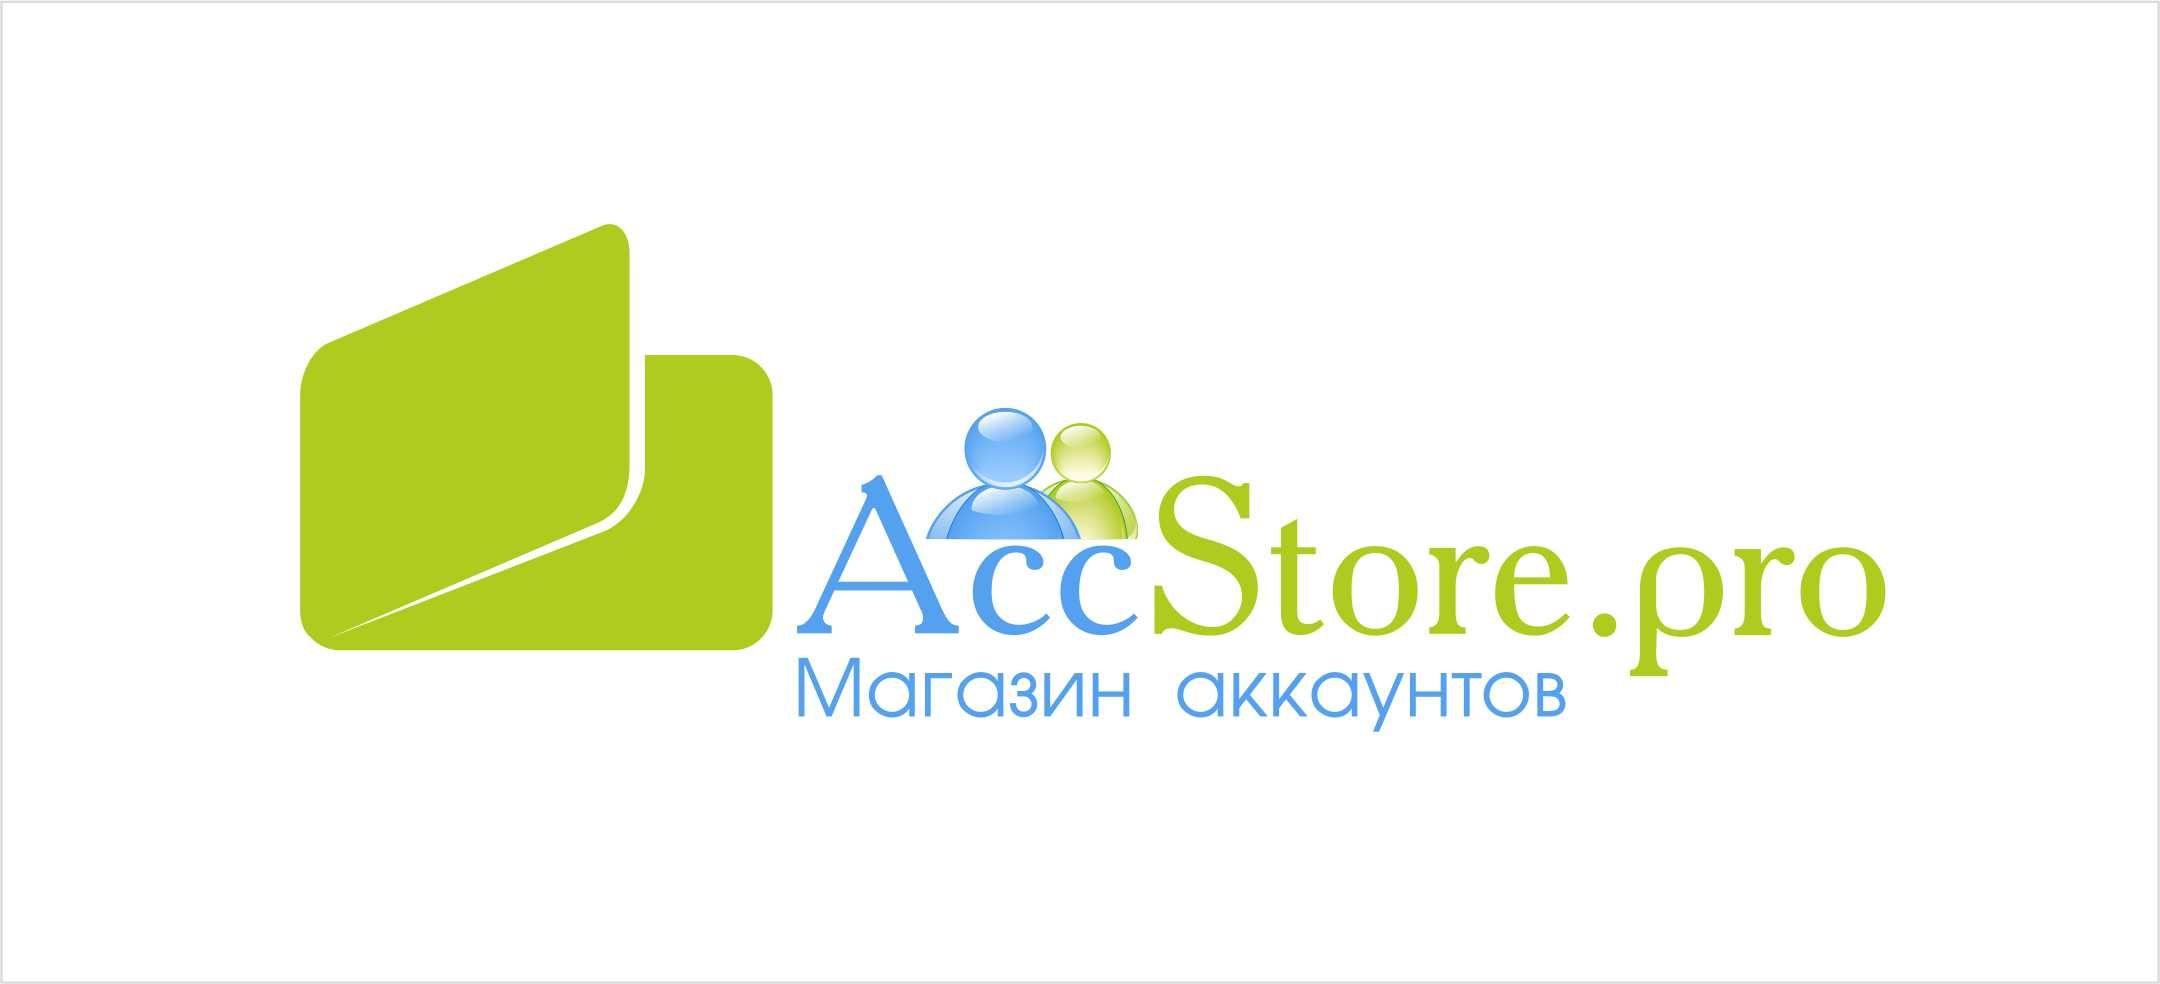 Логотип для магазина аккаунтов - дизайнер Andrey